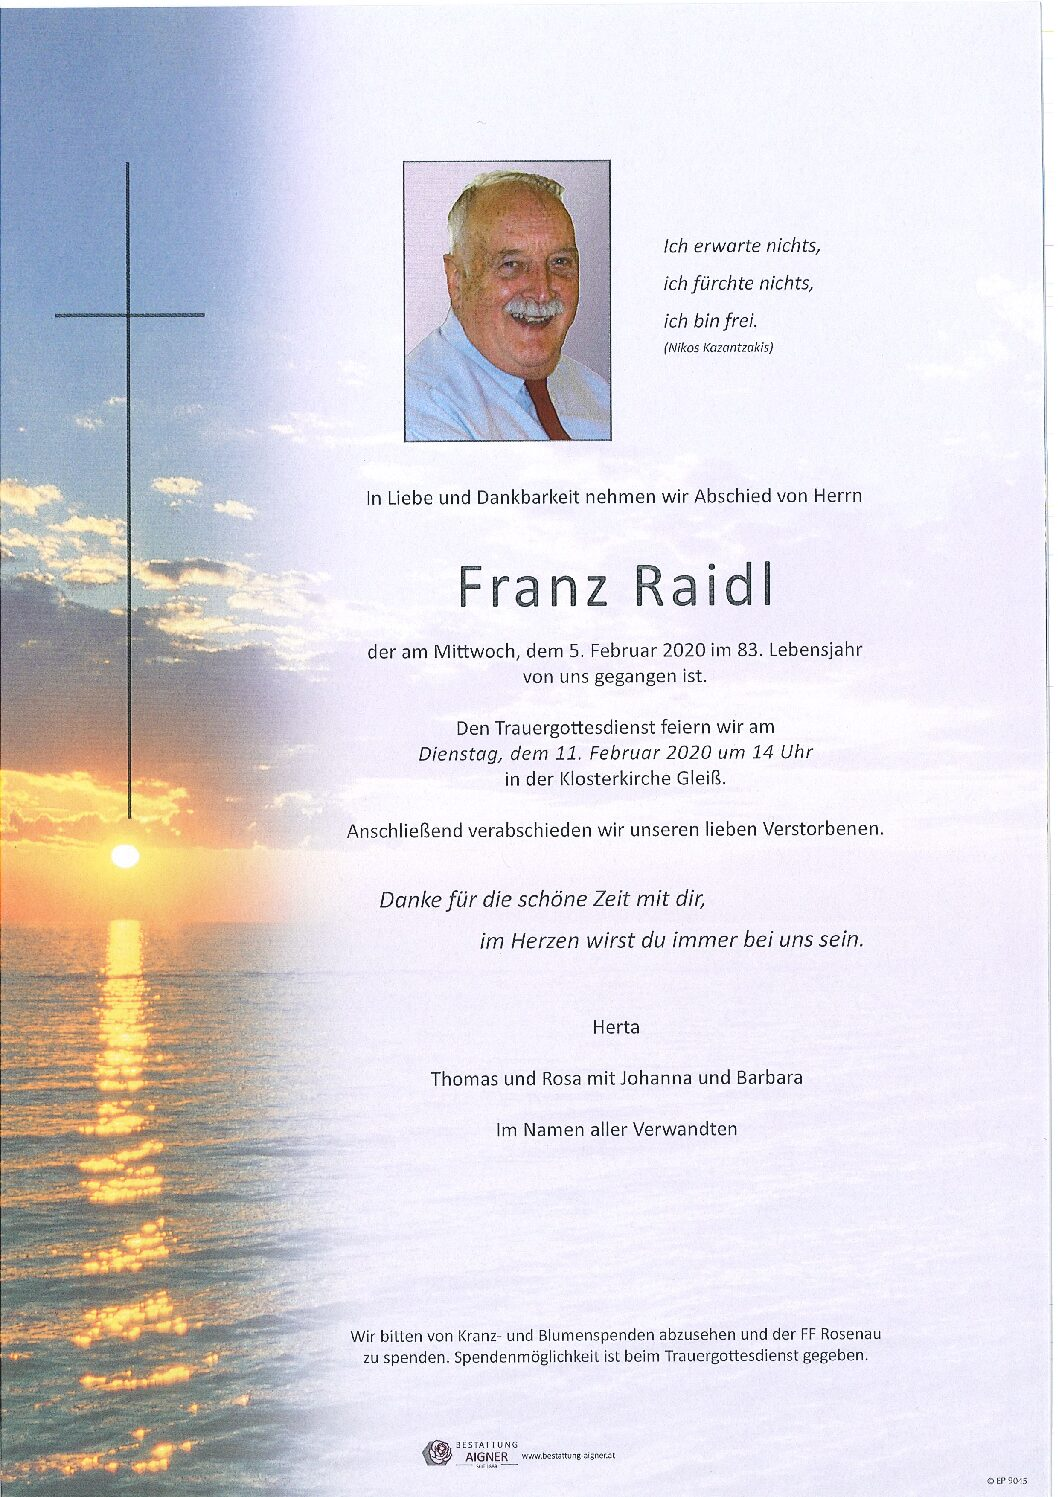 Franz Raidl